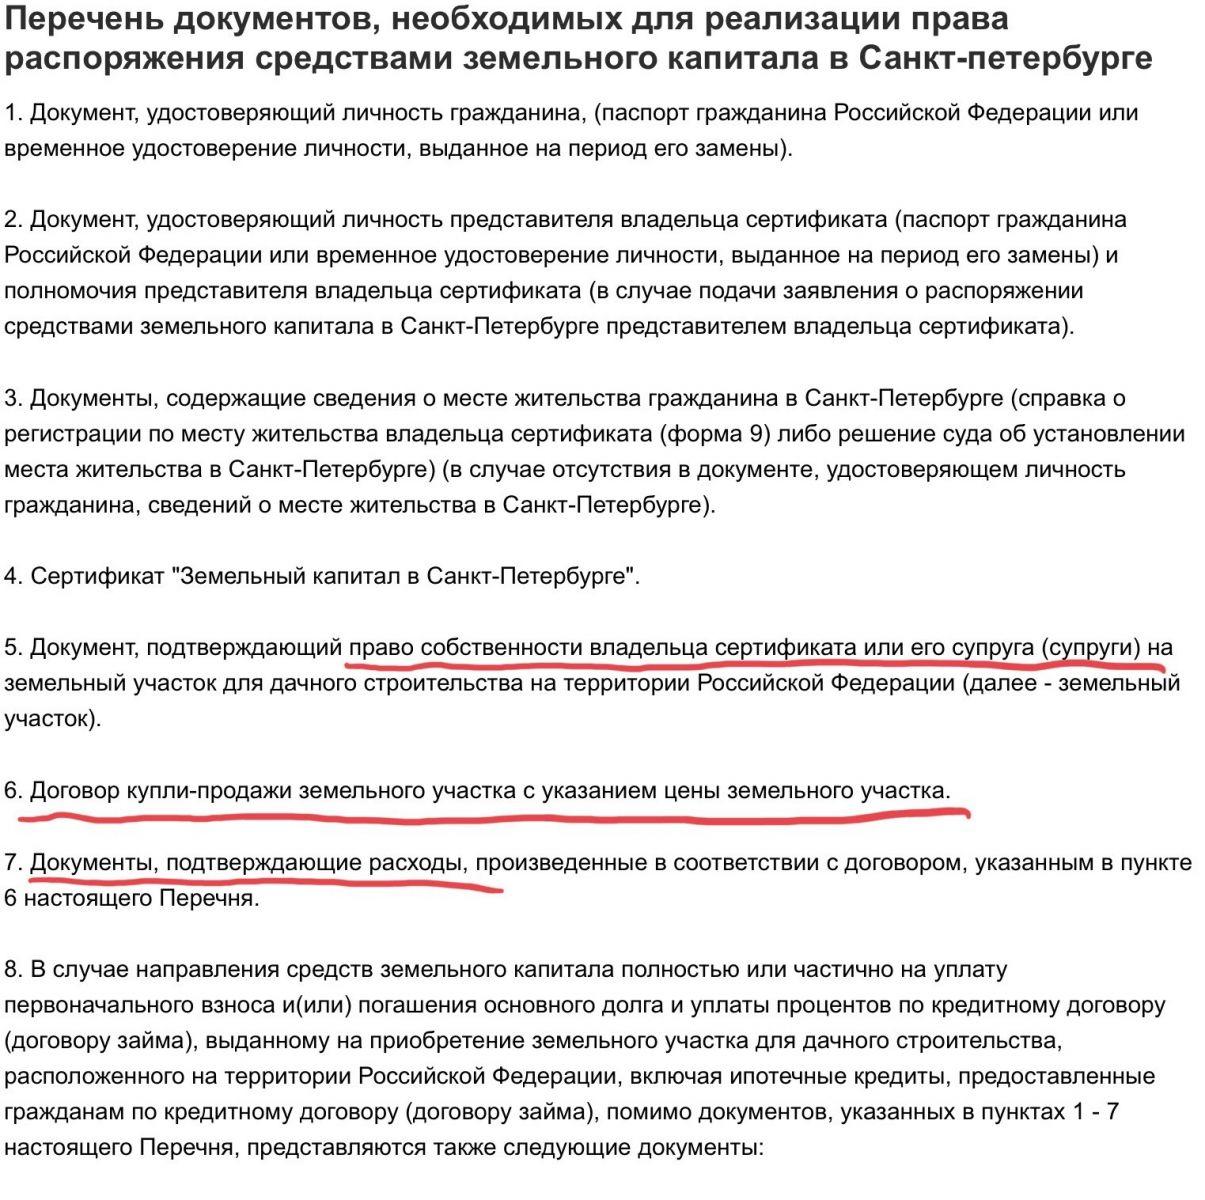 земельный сертификат санкт петербург